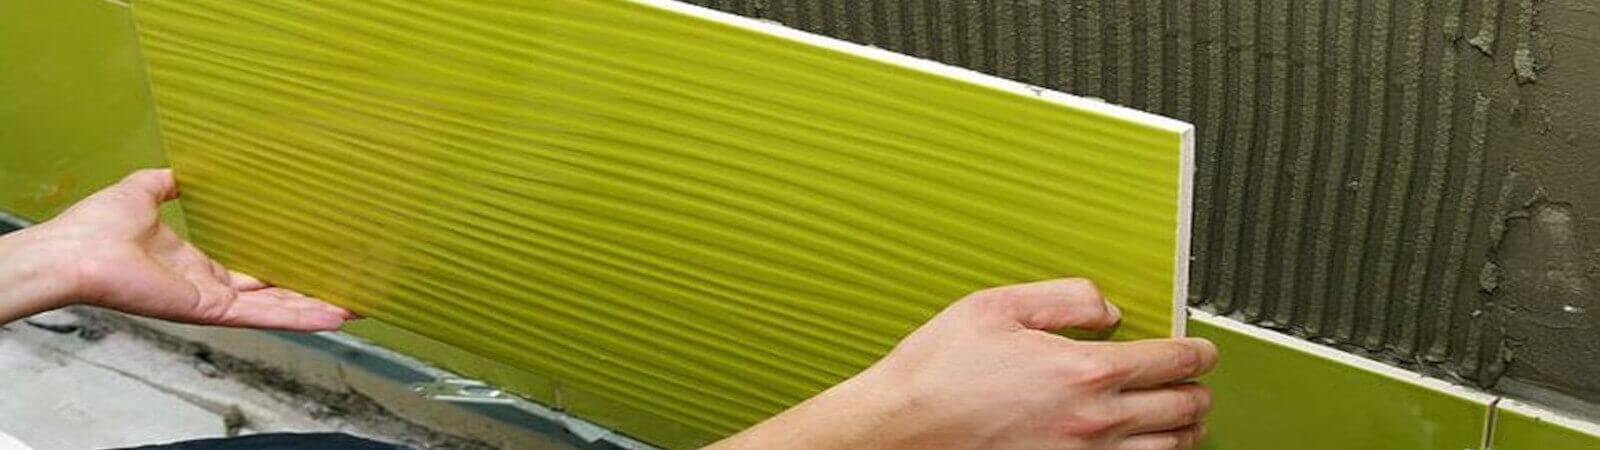 Как правильно уложить плитку на стену